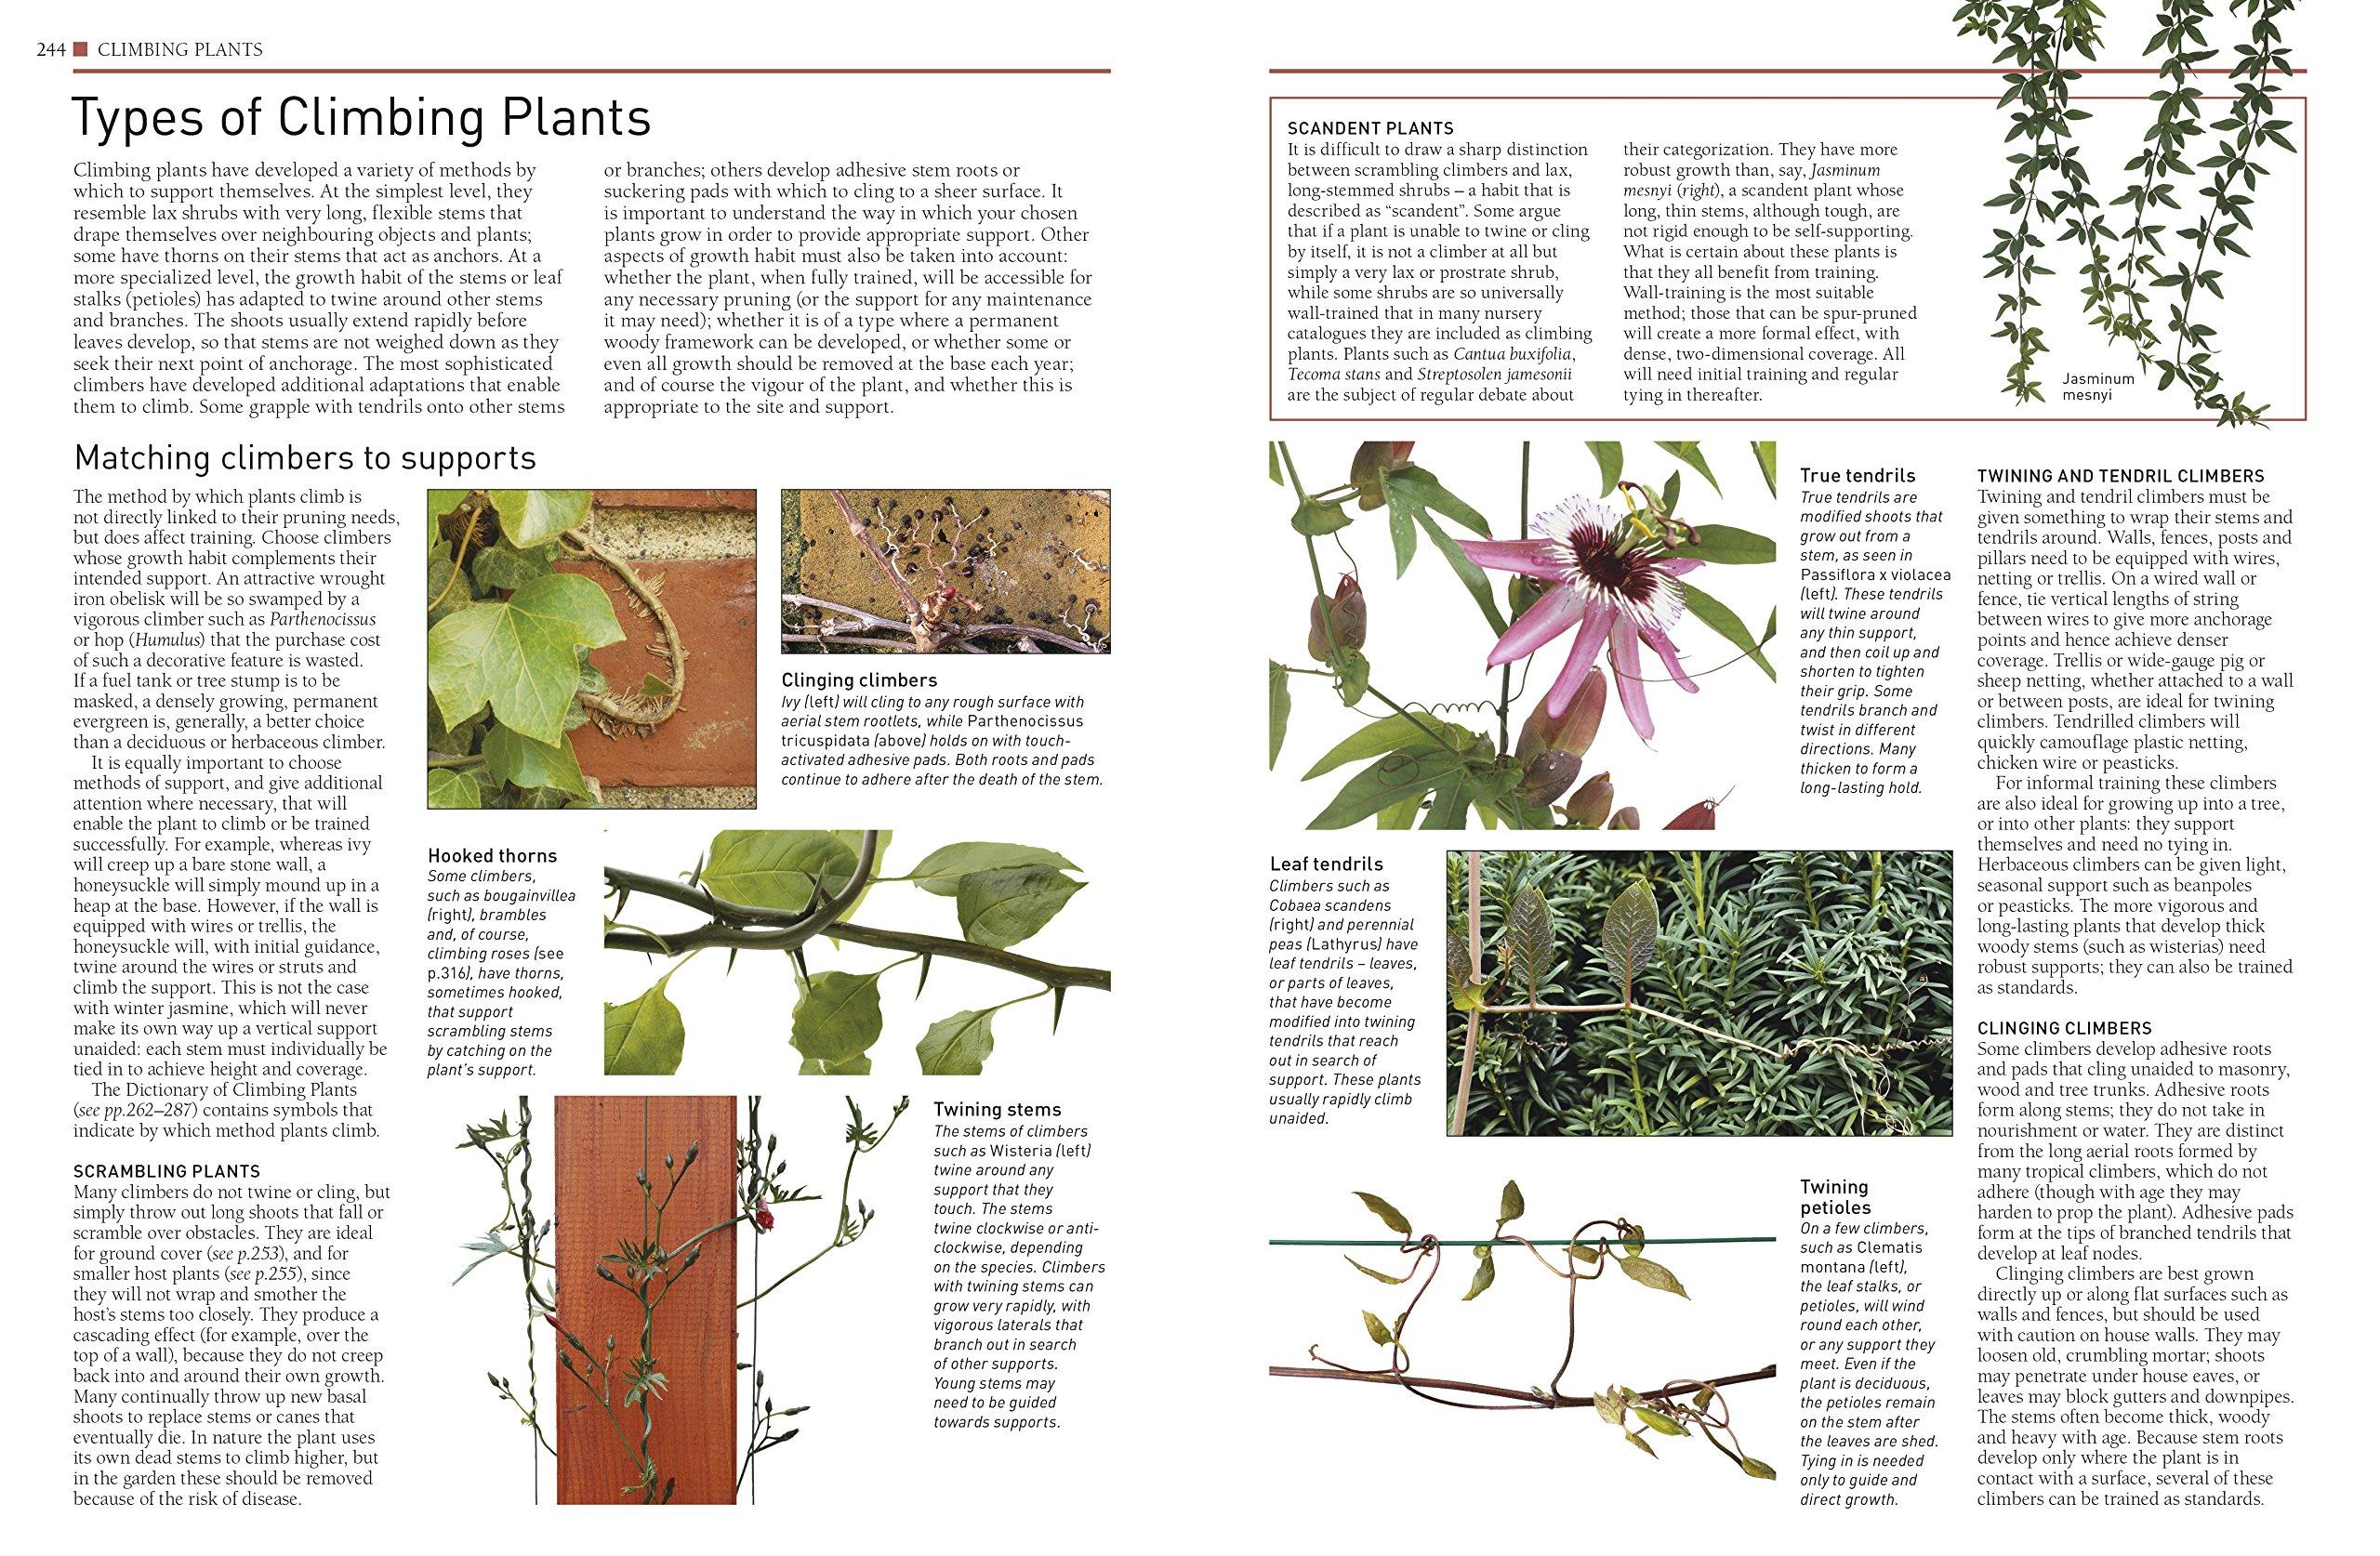 RHS Pruning and Training: Amazon.es: DK: Libros en idiomas ...